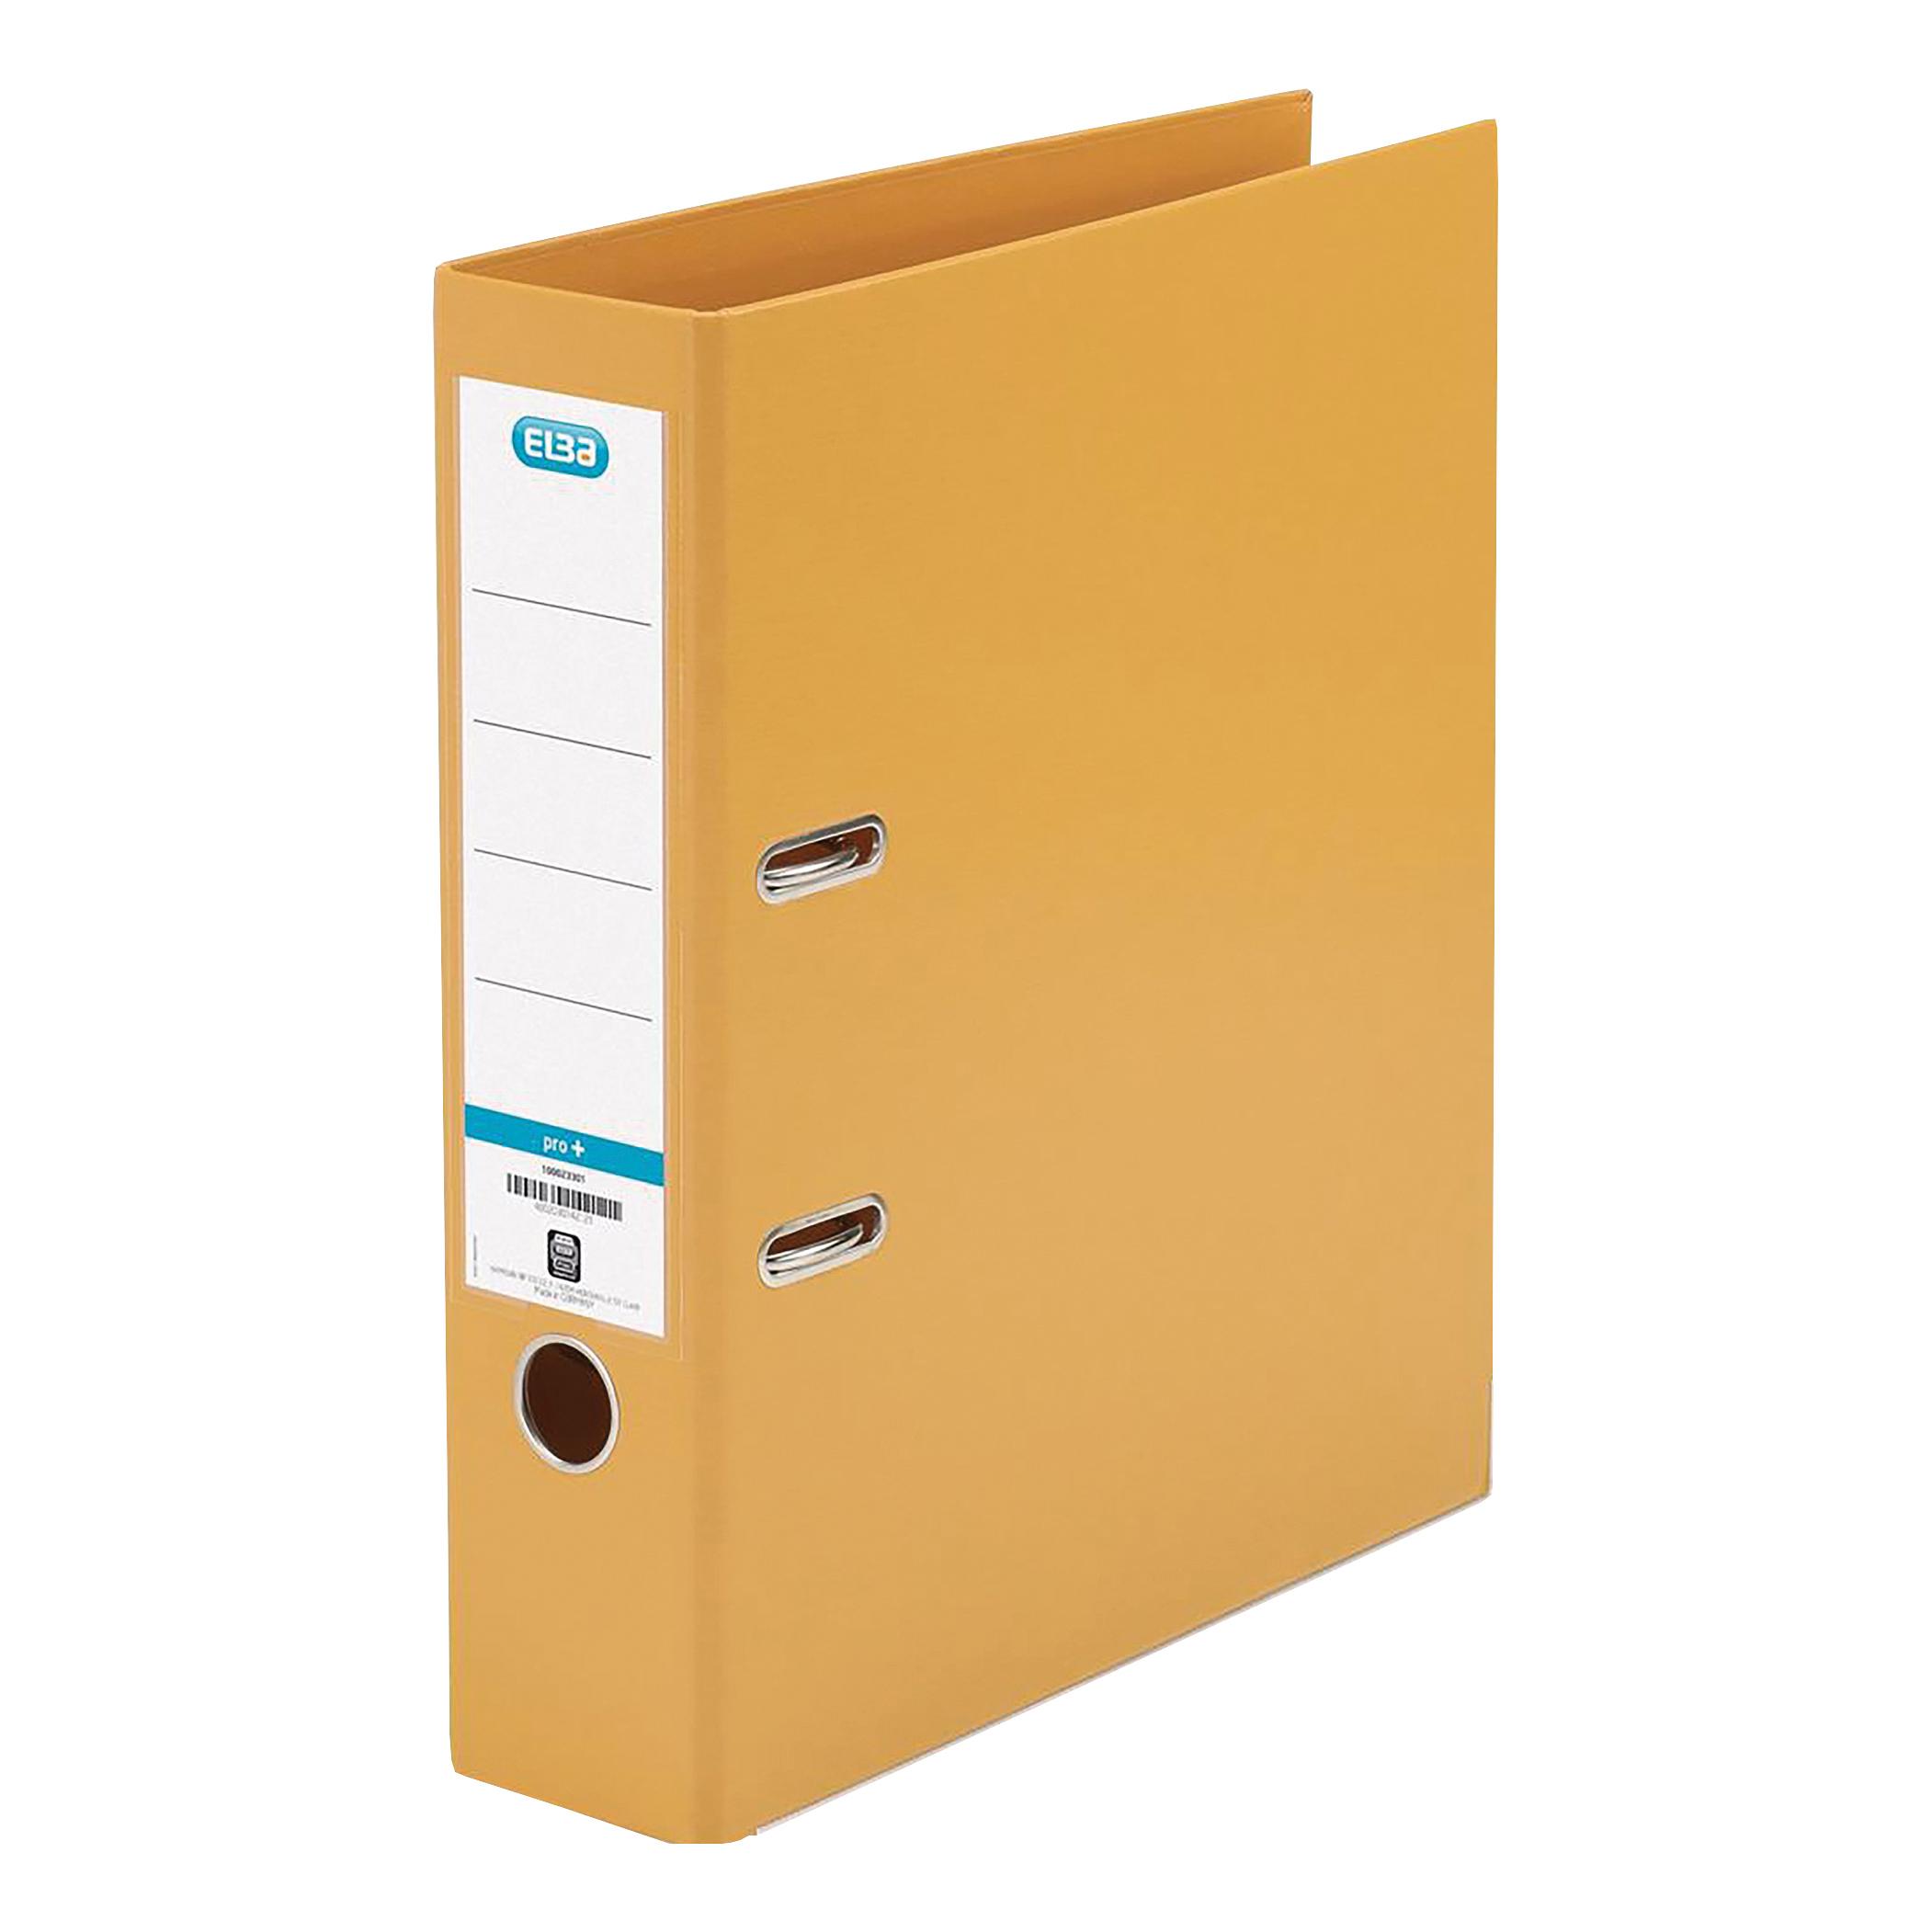 Elba Lever Arch File PP 70mm Spine A4 Orange Ref 100202170 [Pack 10]